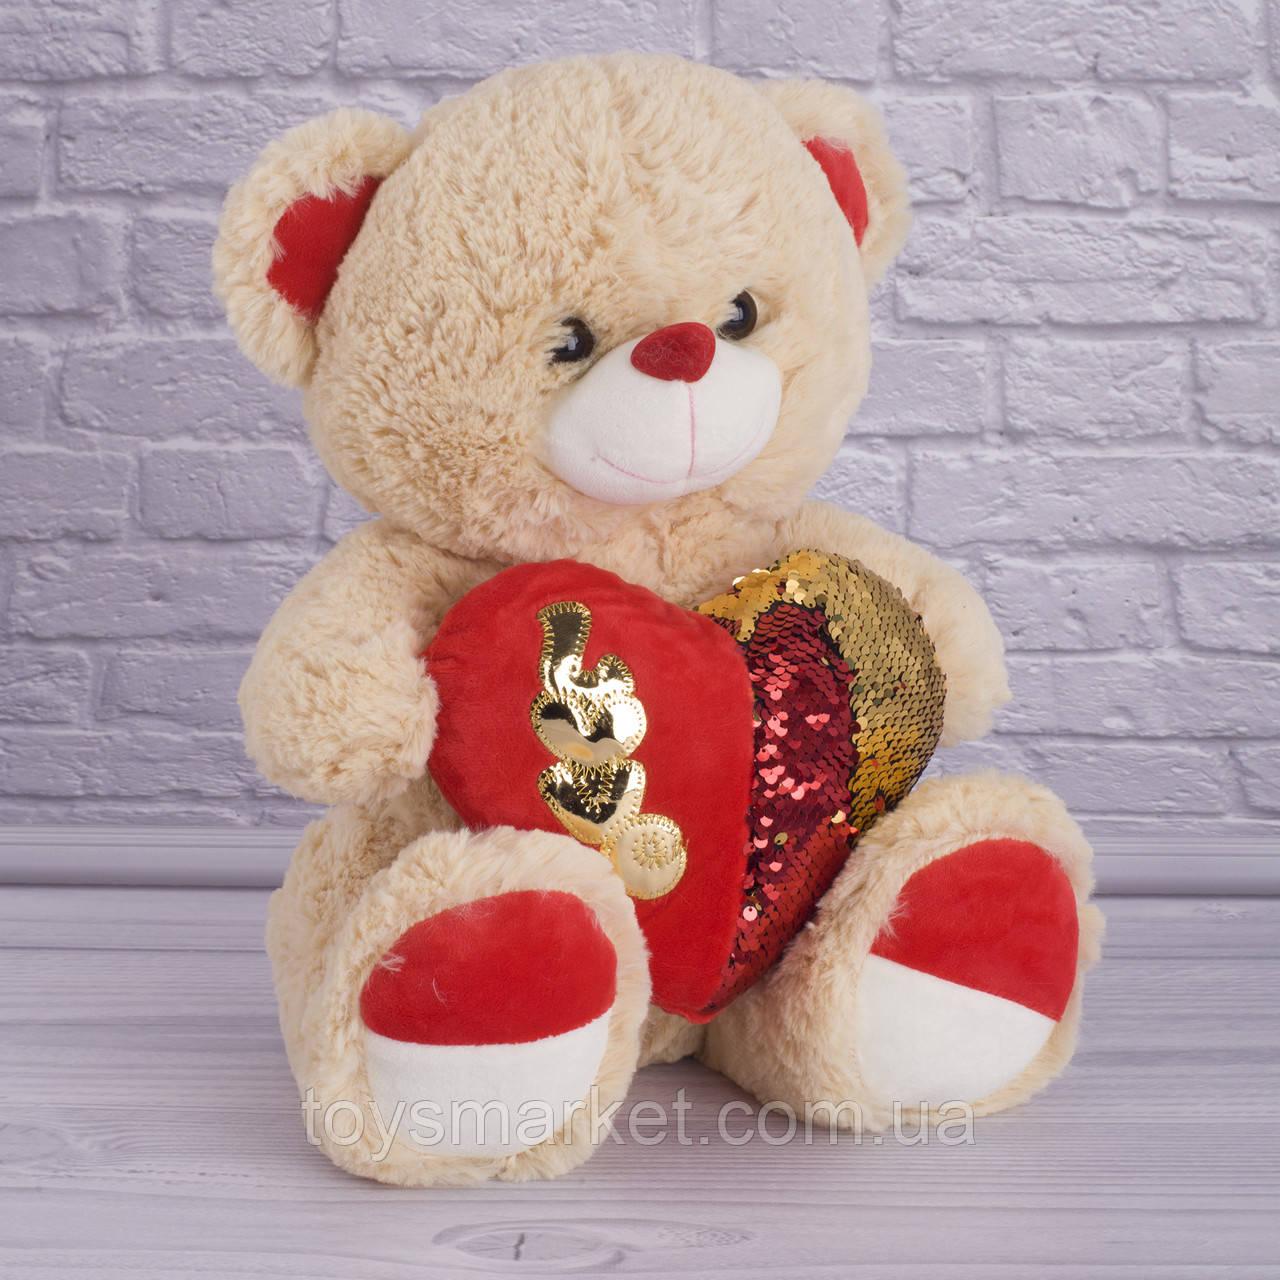 Мягкая игрушка Мишка Влюбленный